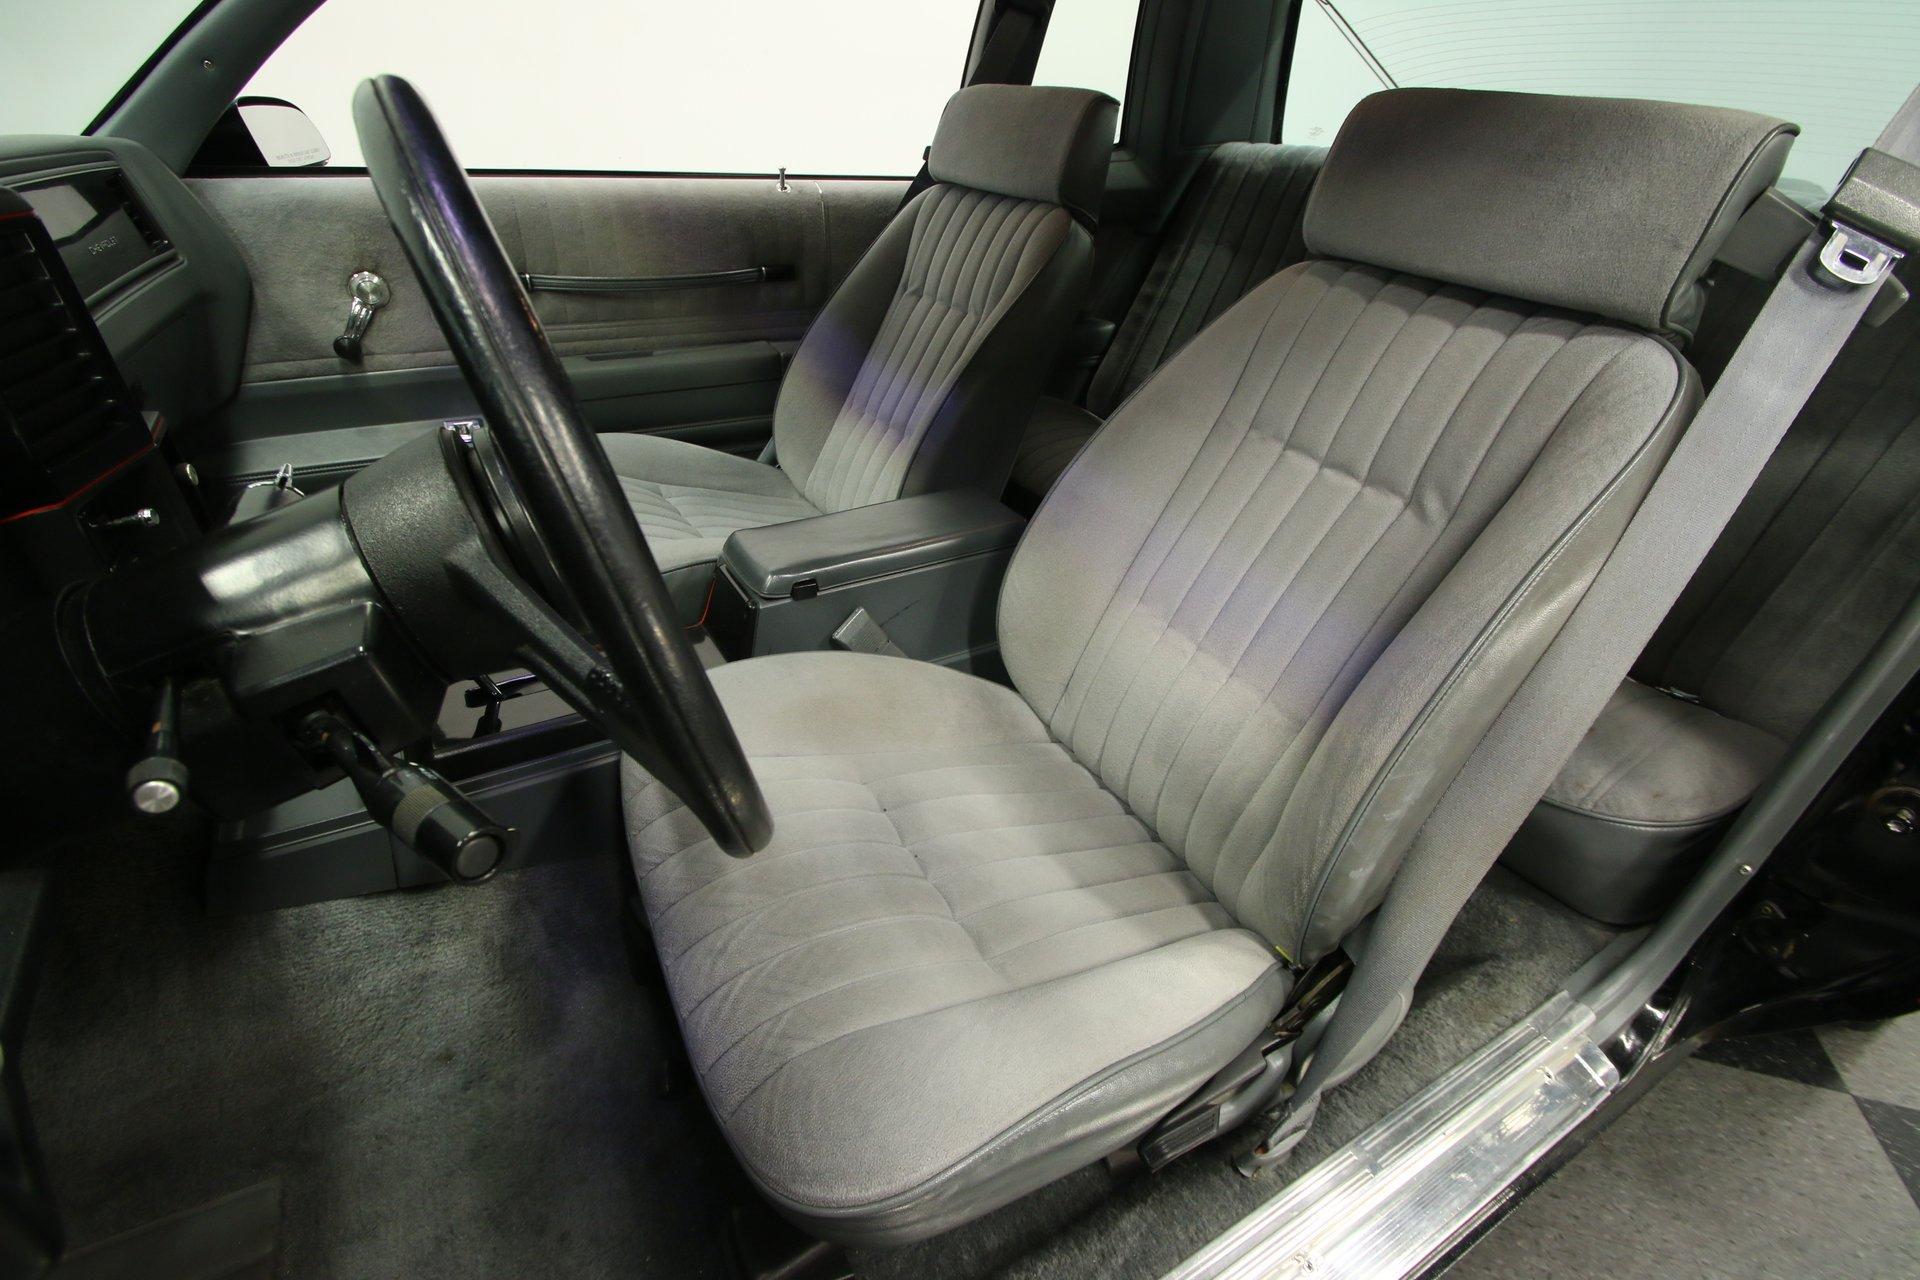 1987 Chevrolet Monte Carlo   Streetside Classics - The